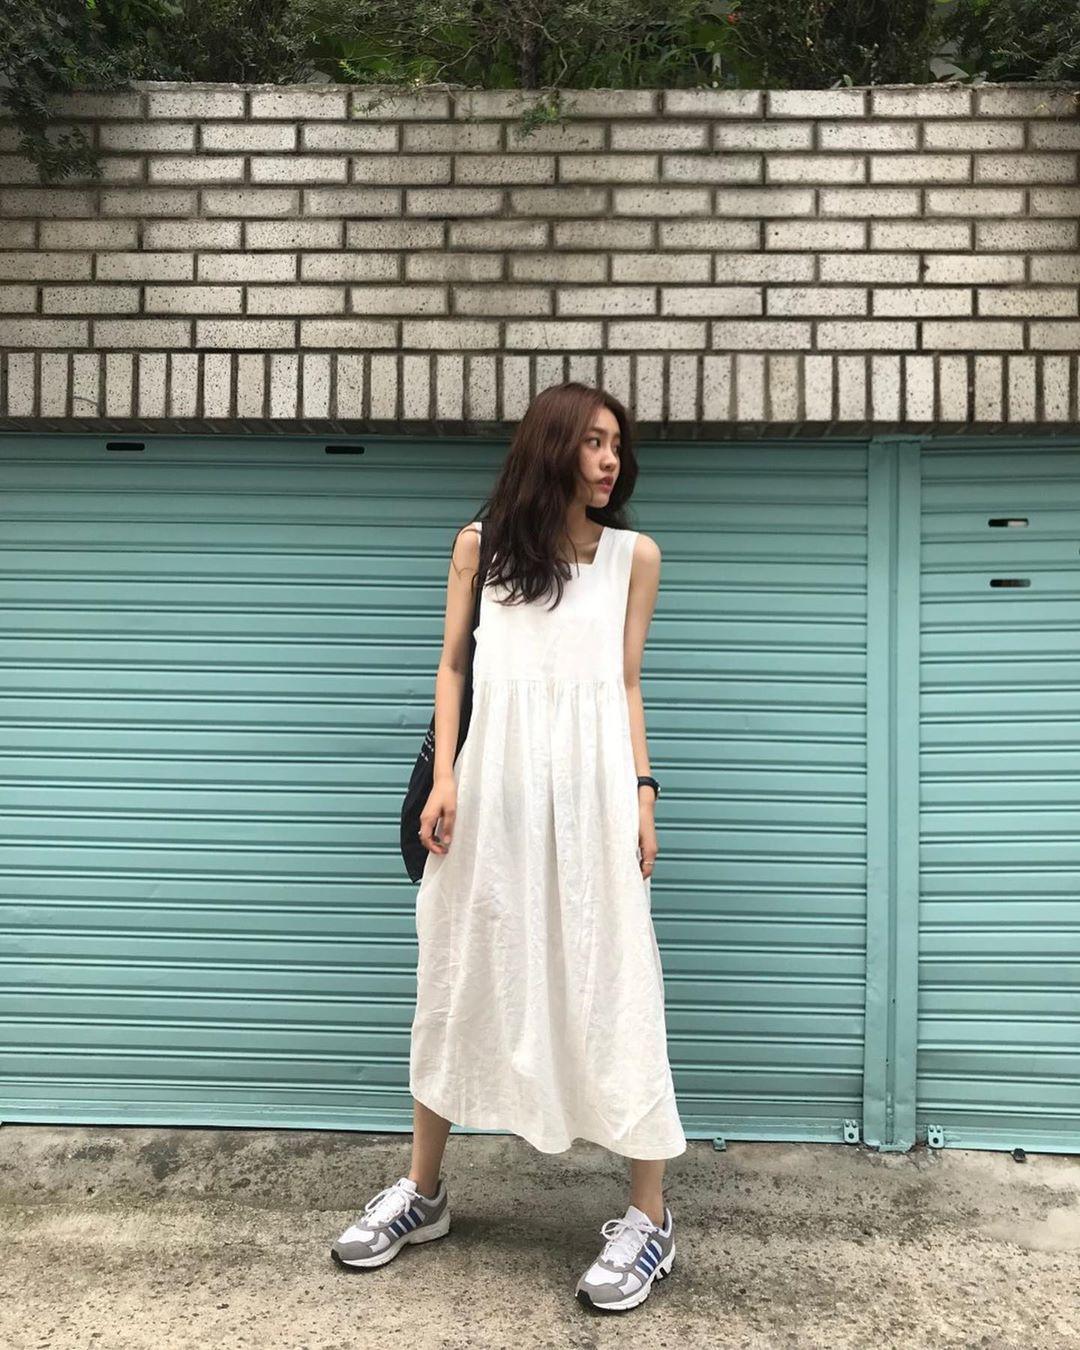 Nô nức diện váy thô mùa hè cho mát, muốn mặc đẹp hãy tham khảo 15 bộ đồ từ street style Châu Á này - Ảnh 1.